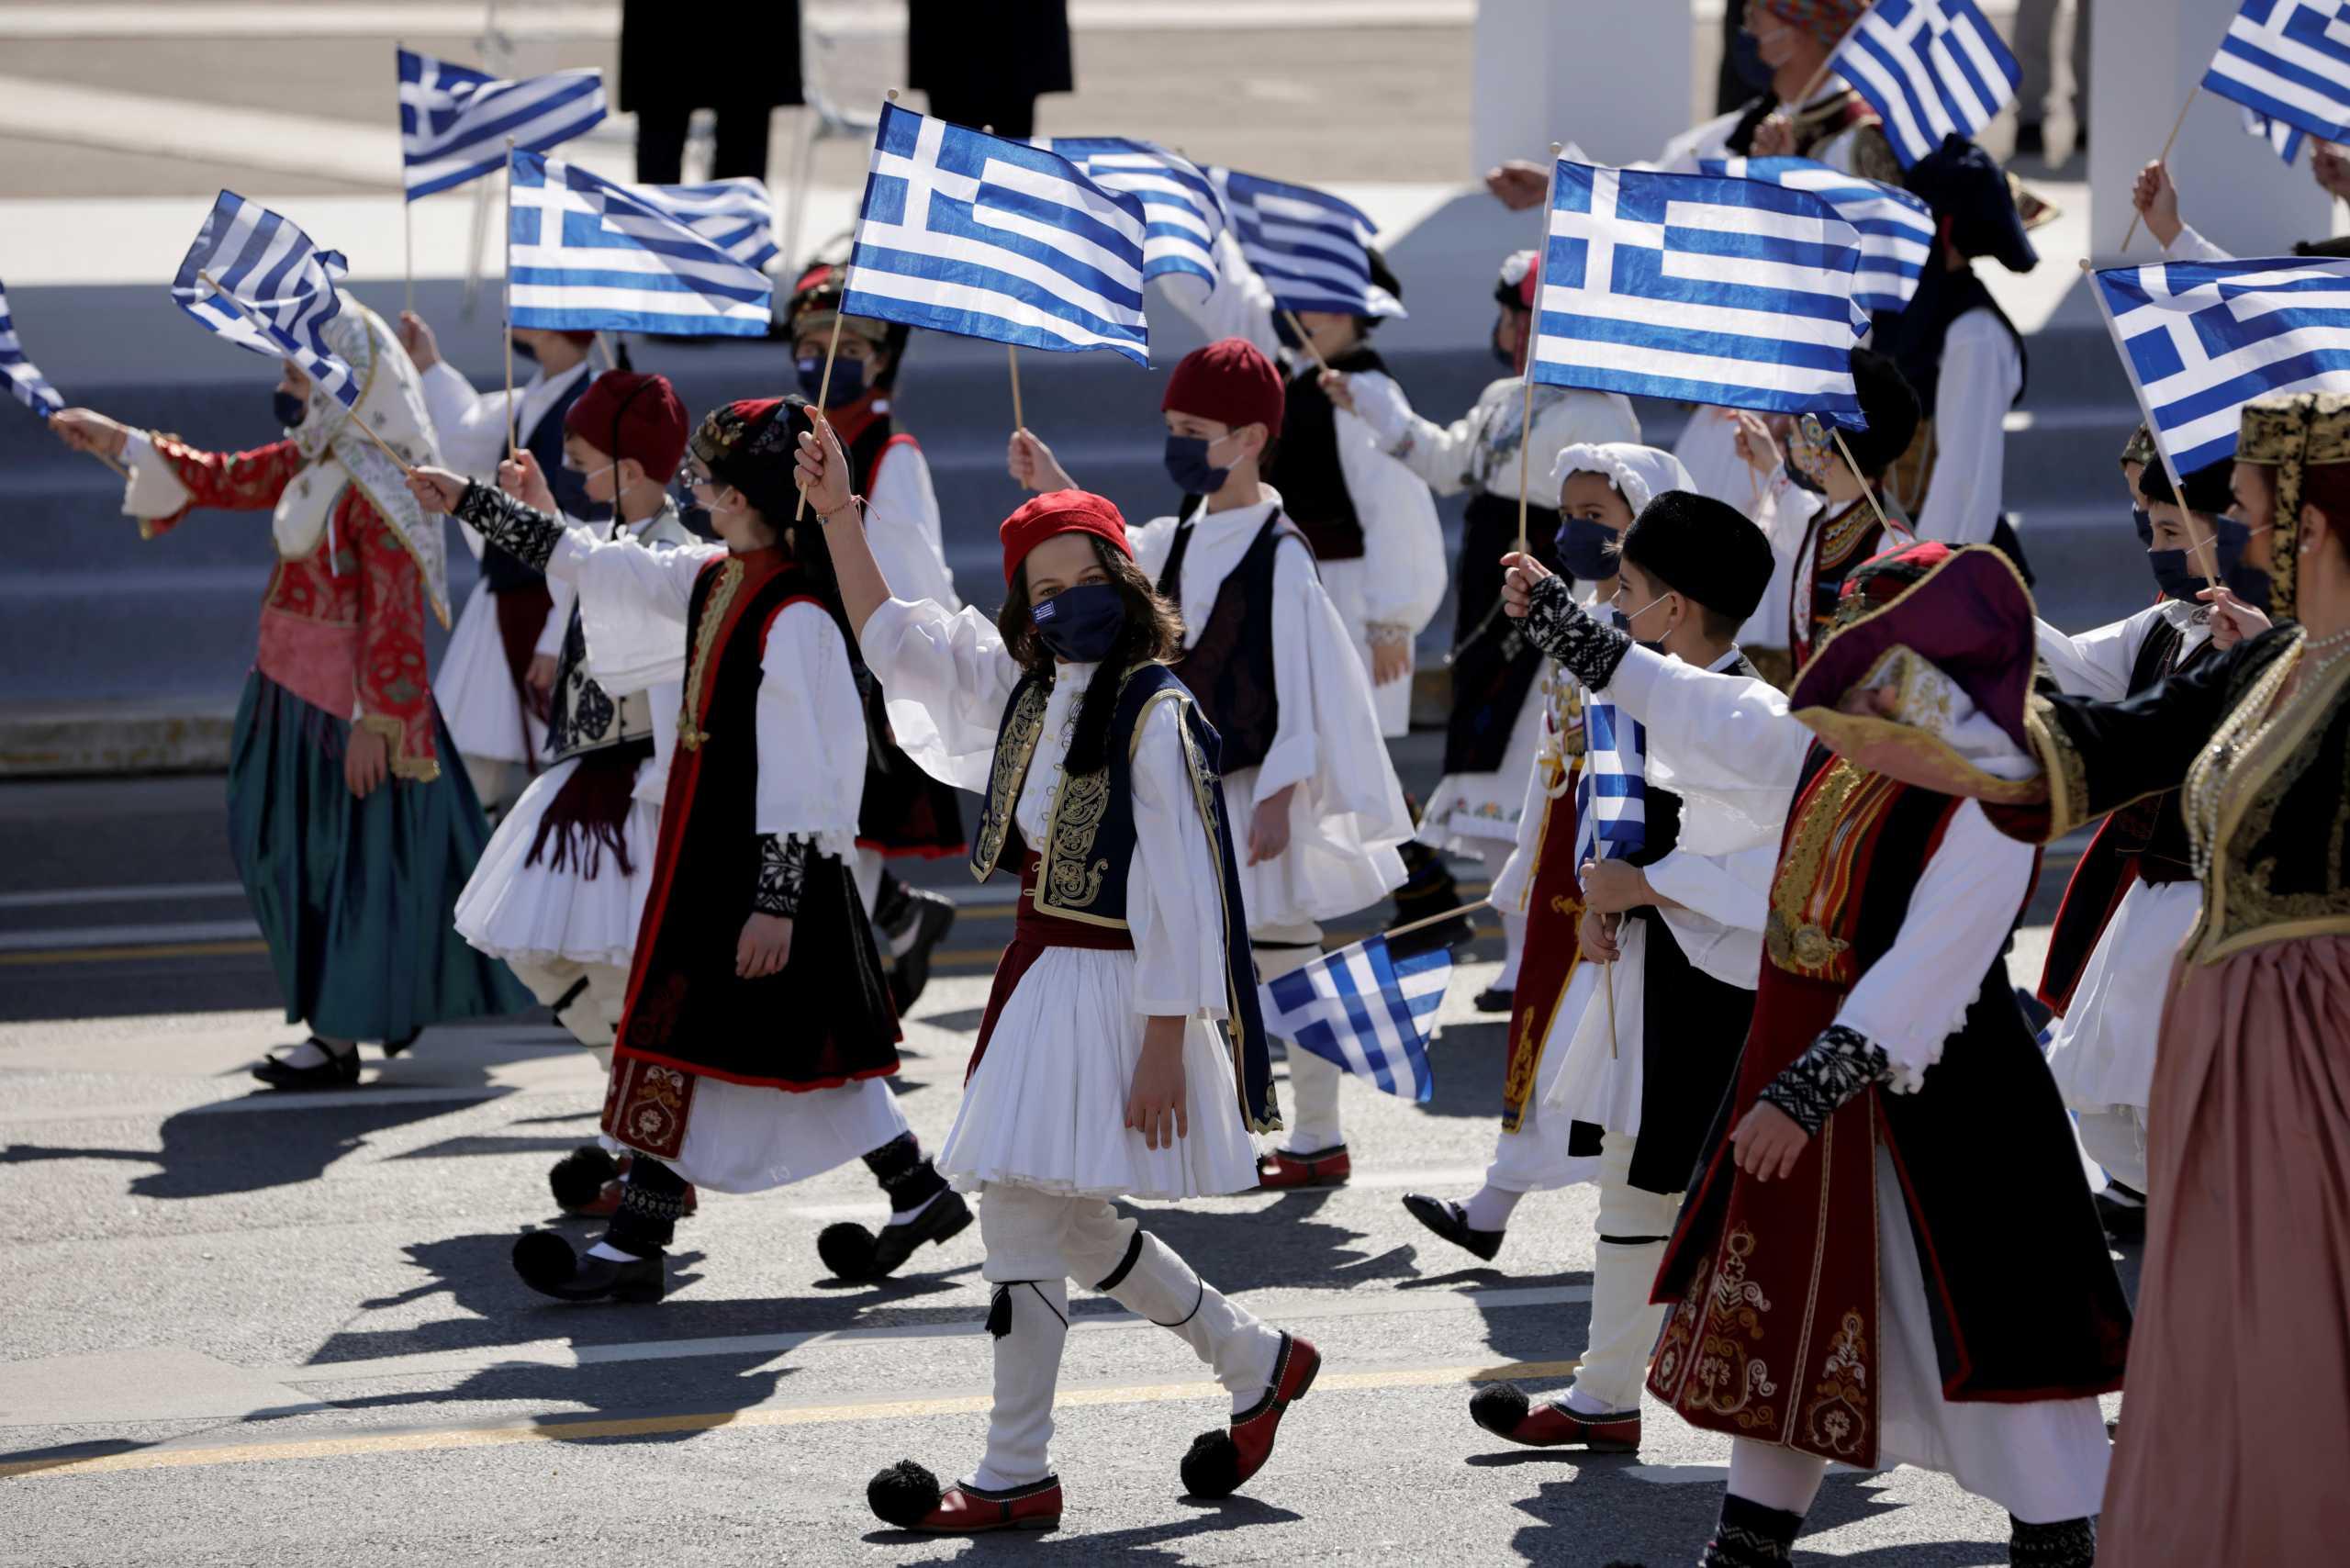 Γρεβενά: Ματαιώνεται η παρέλαση της 13ης Οκτωβρίου λόγω κρουσμάτων κορονοϊού